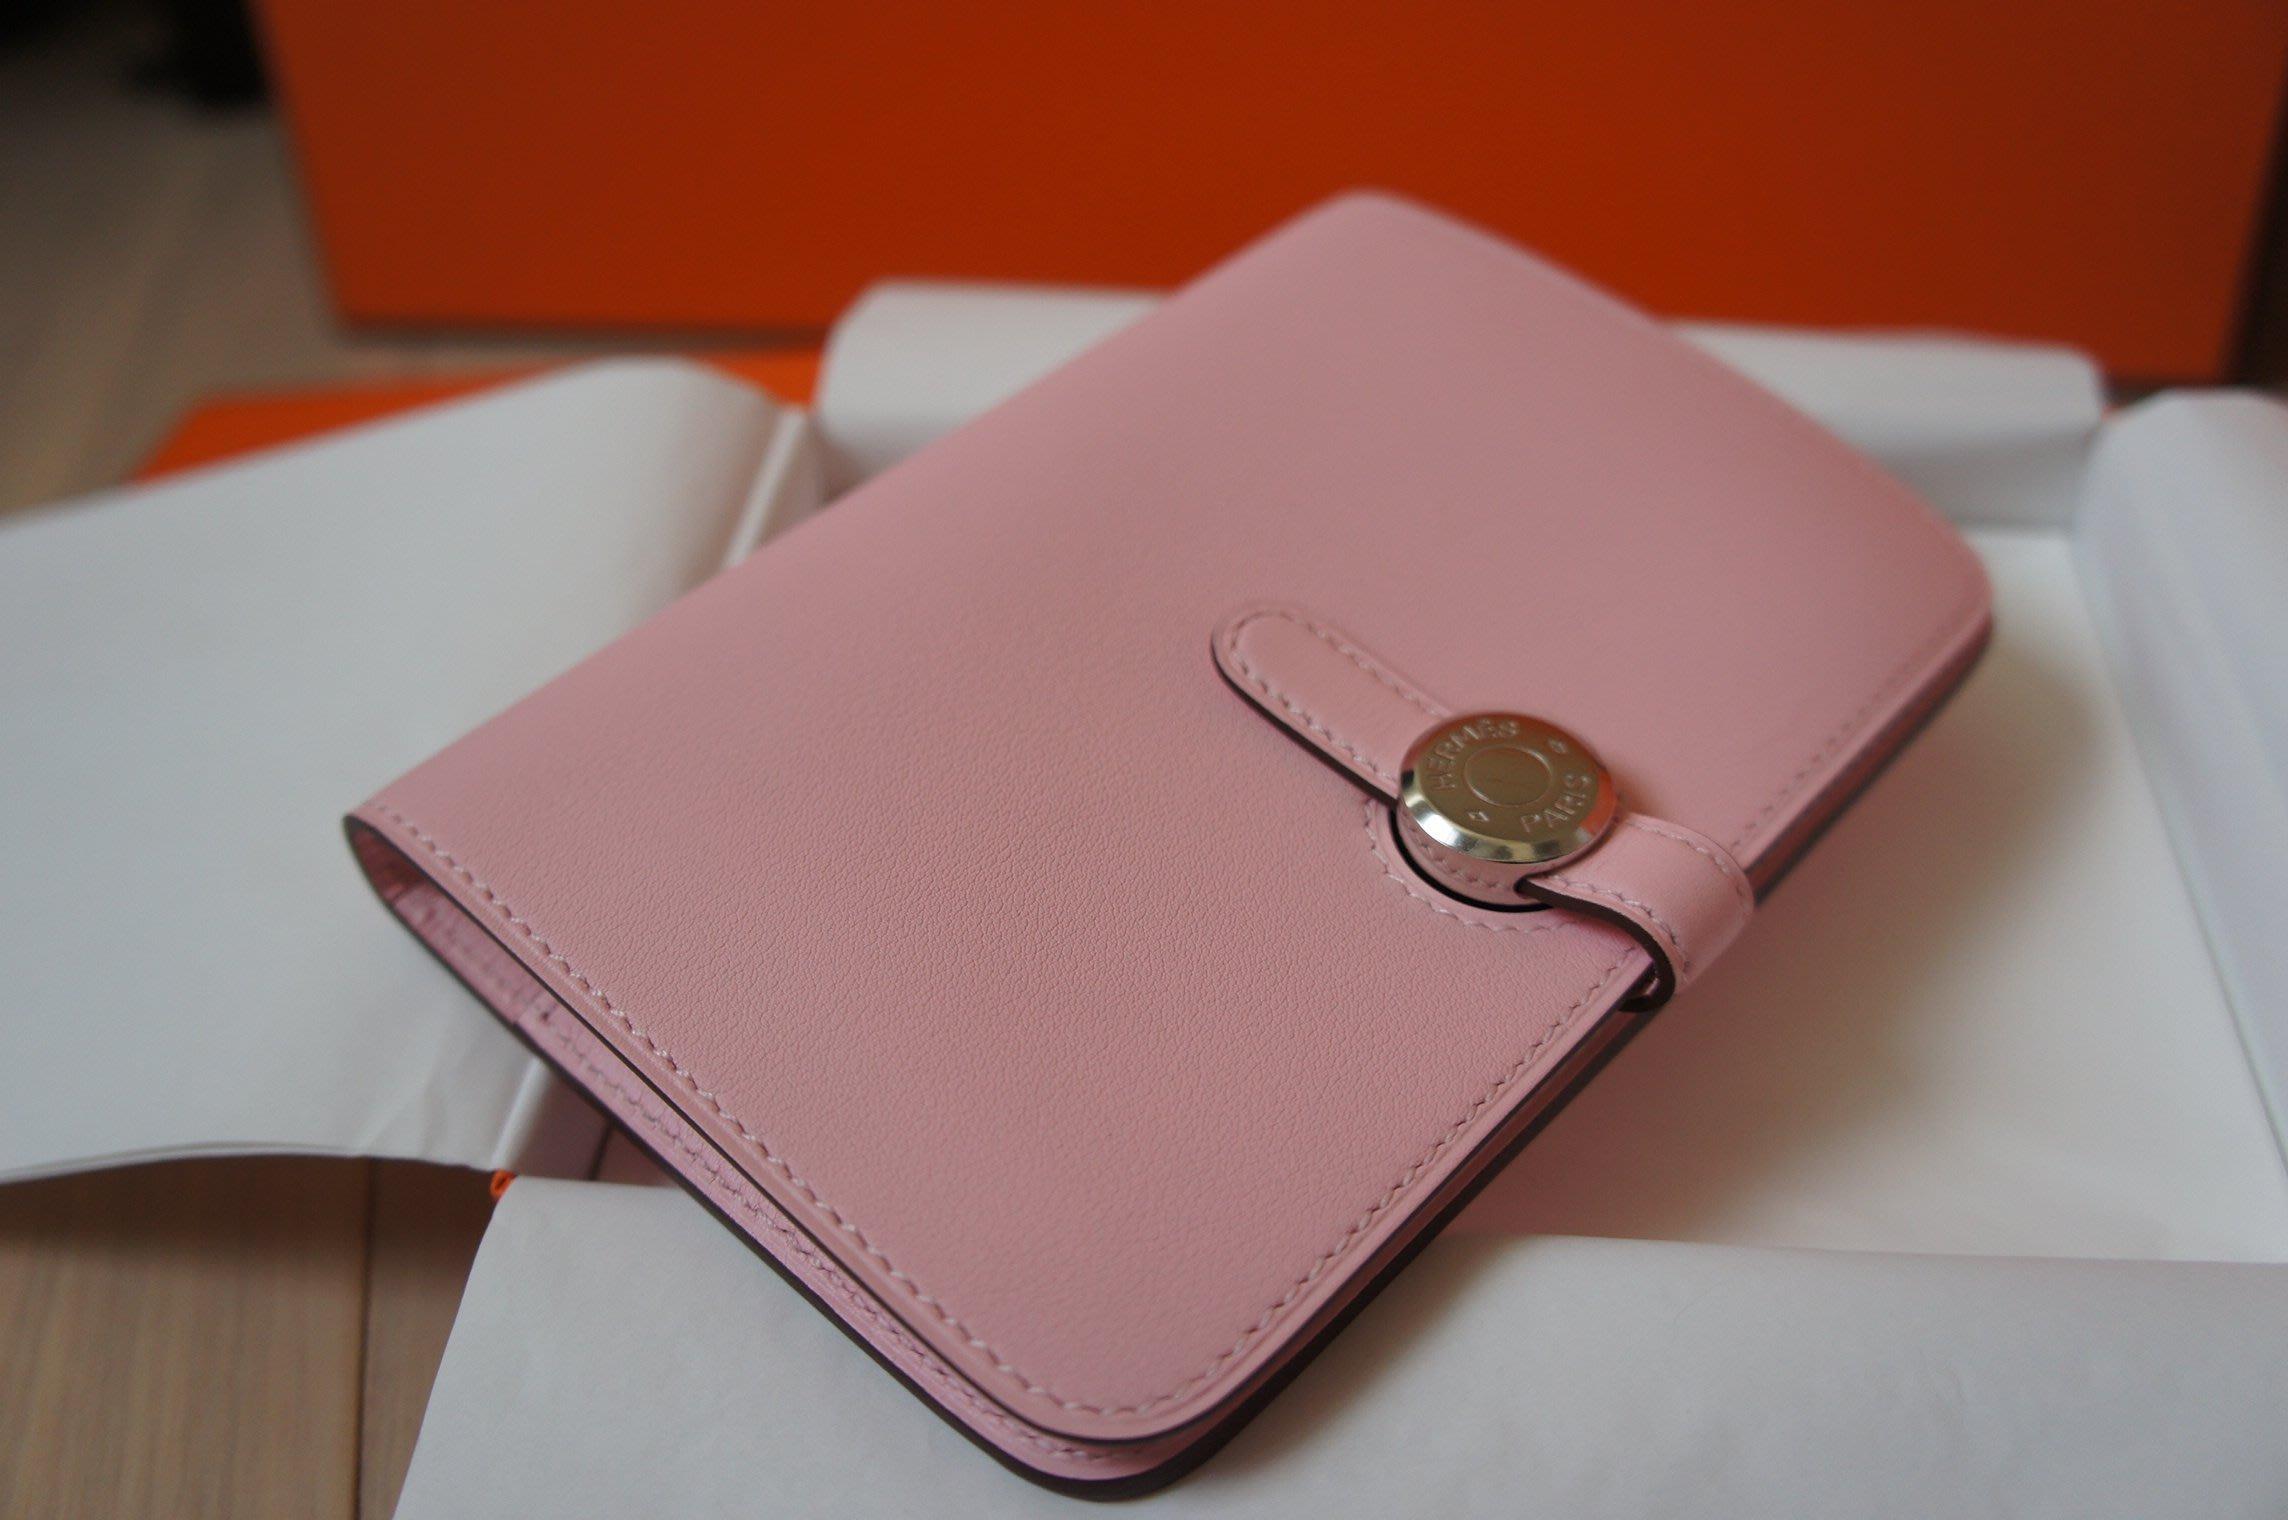 全新 Hermes Dogon 粉紅色中夾 Sakura 3Q 櫻花粉